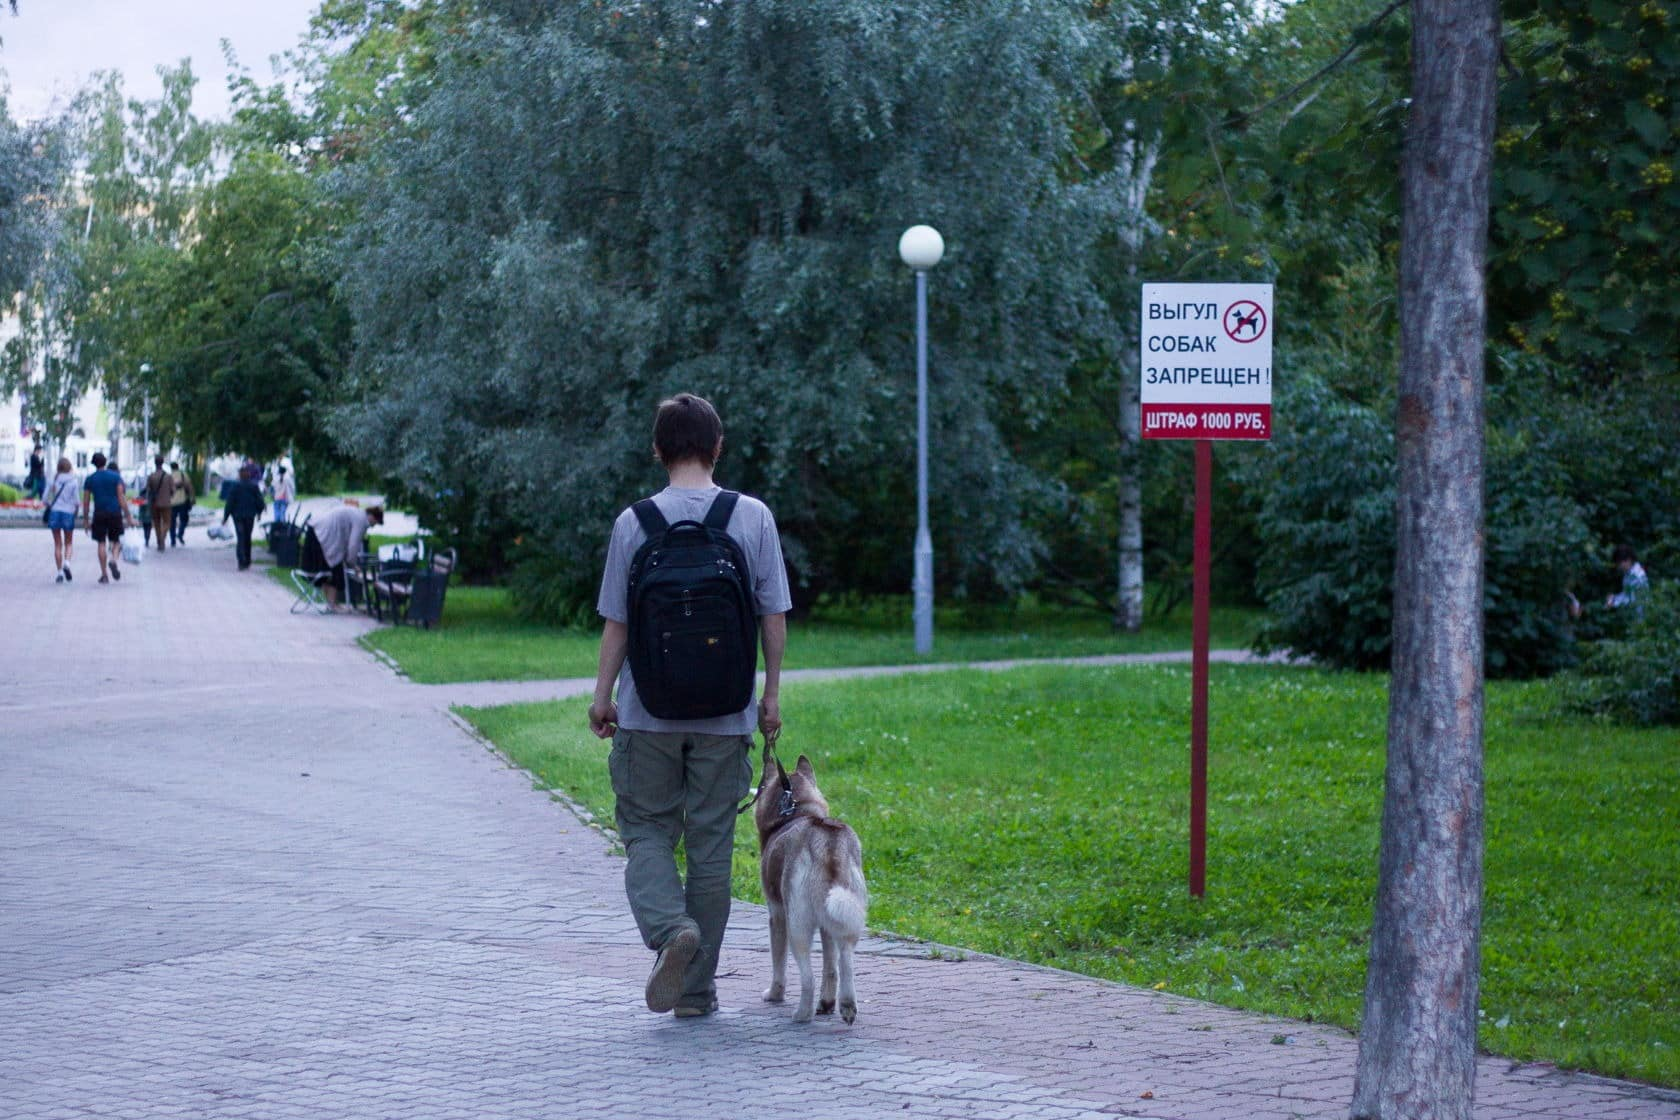 Где можно выгуливать собаку, если нет специальной площадки: по закону, новые правила выгуливания собак